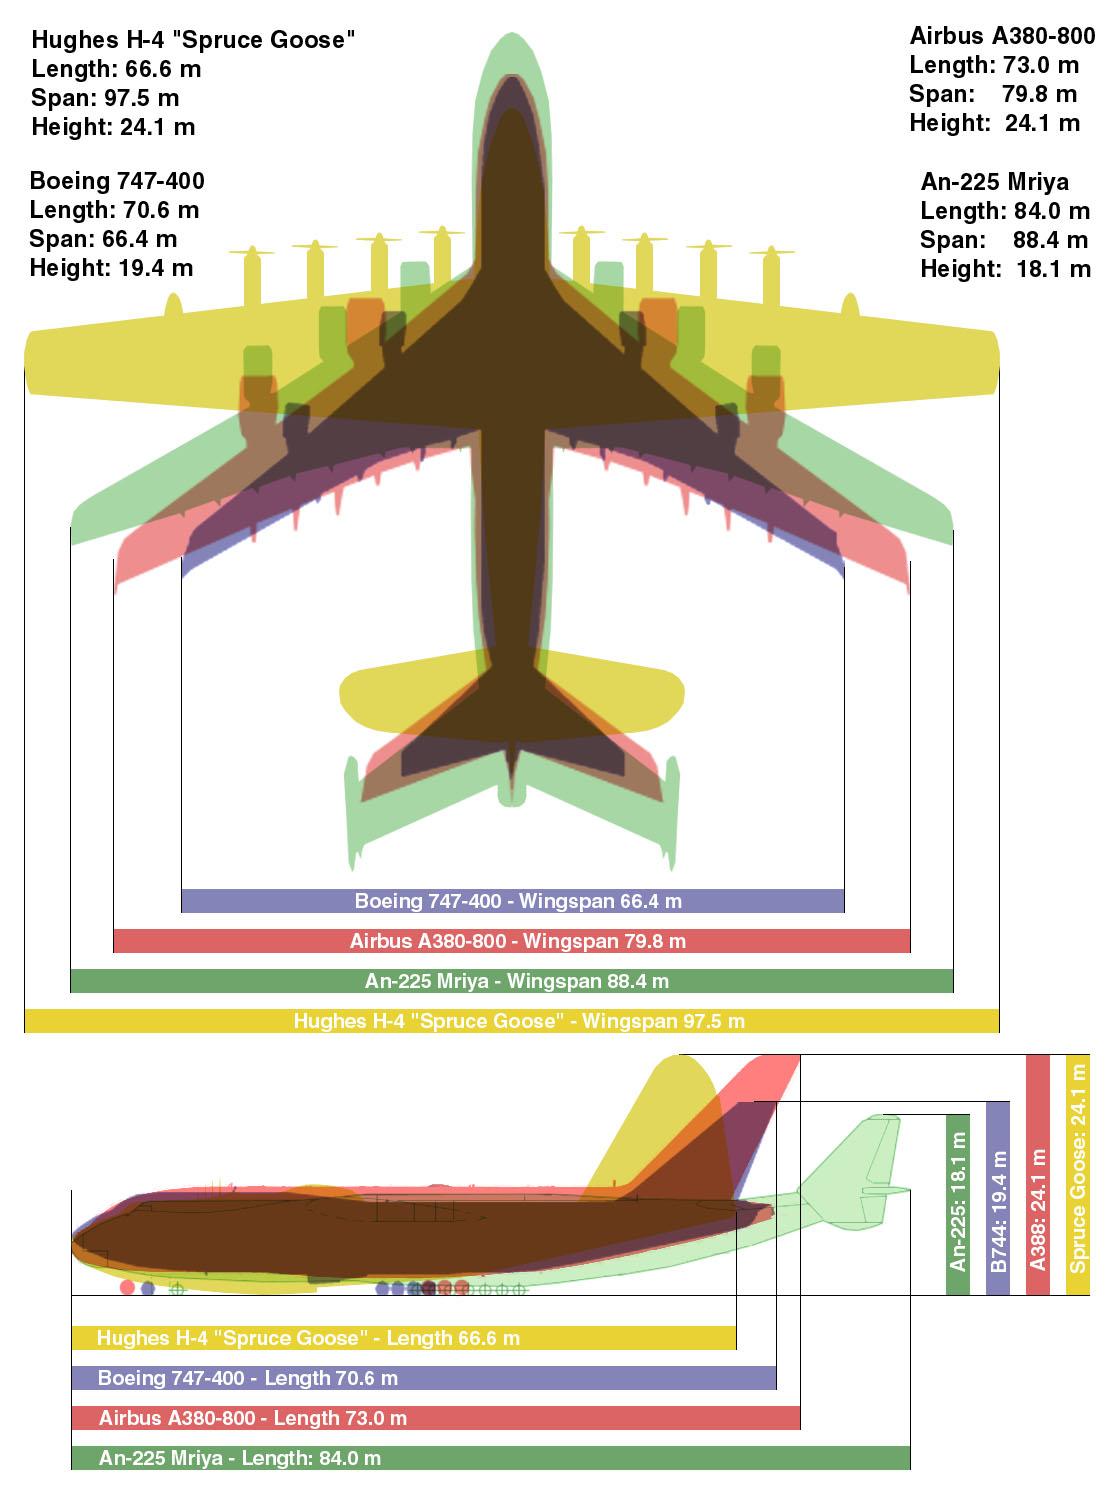 Comparación con aviones actuales